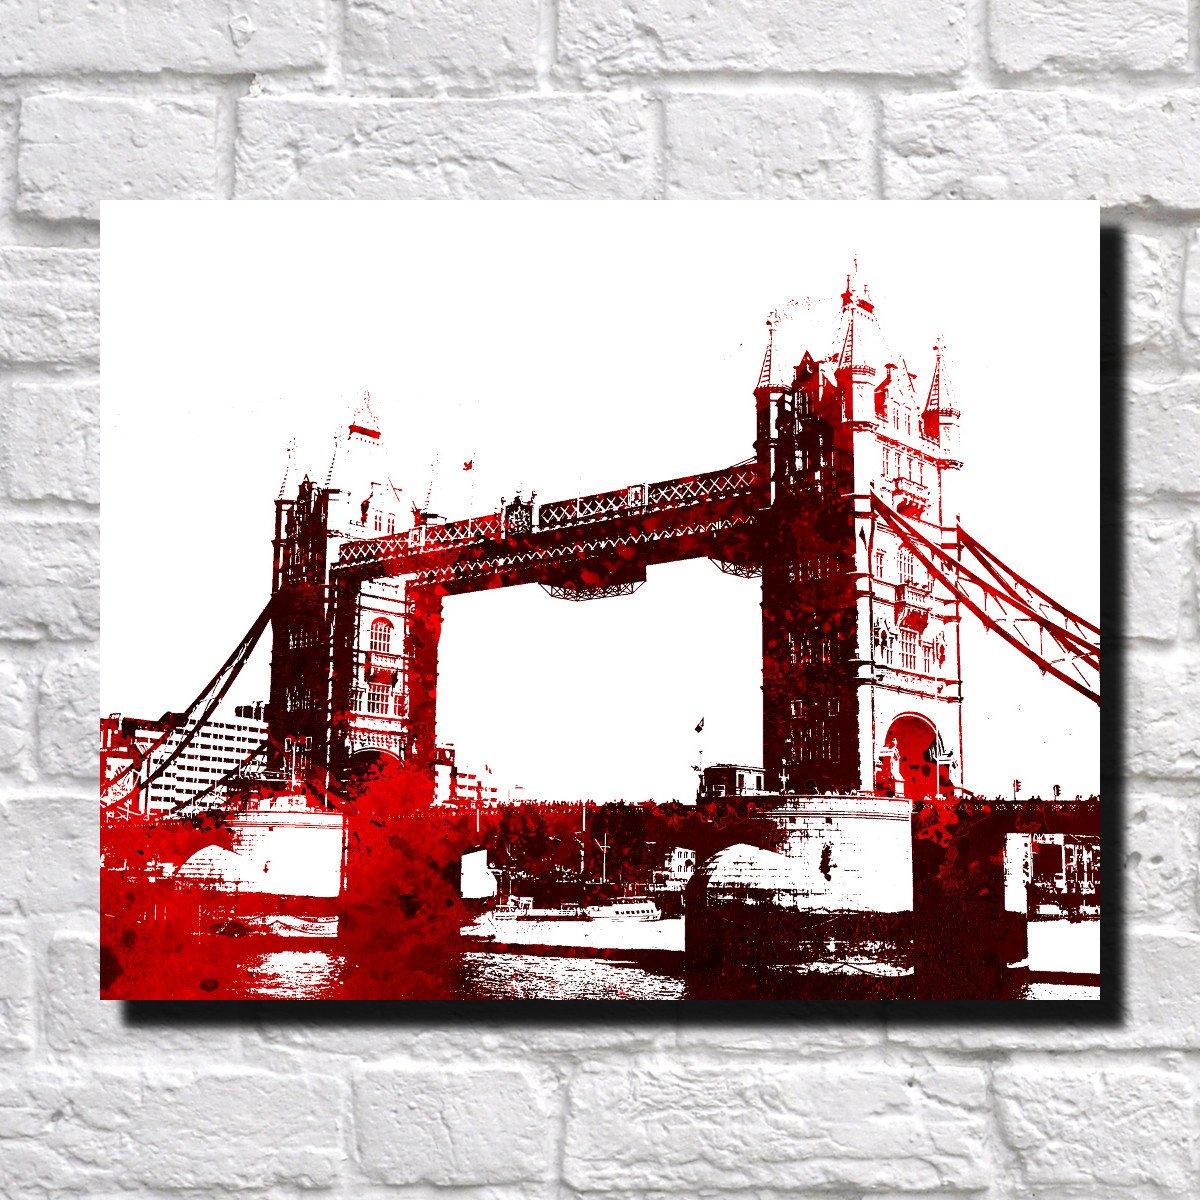 Tower Bridge London City Skyline Print Landscape Poster Feature Wall Art Get it Fast! #wallart #towerbridge #londonbridge https://t.co/Z2Gvjlihaw https://t.co/itA7tcIIND